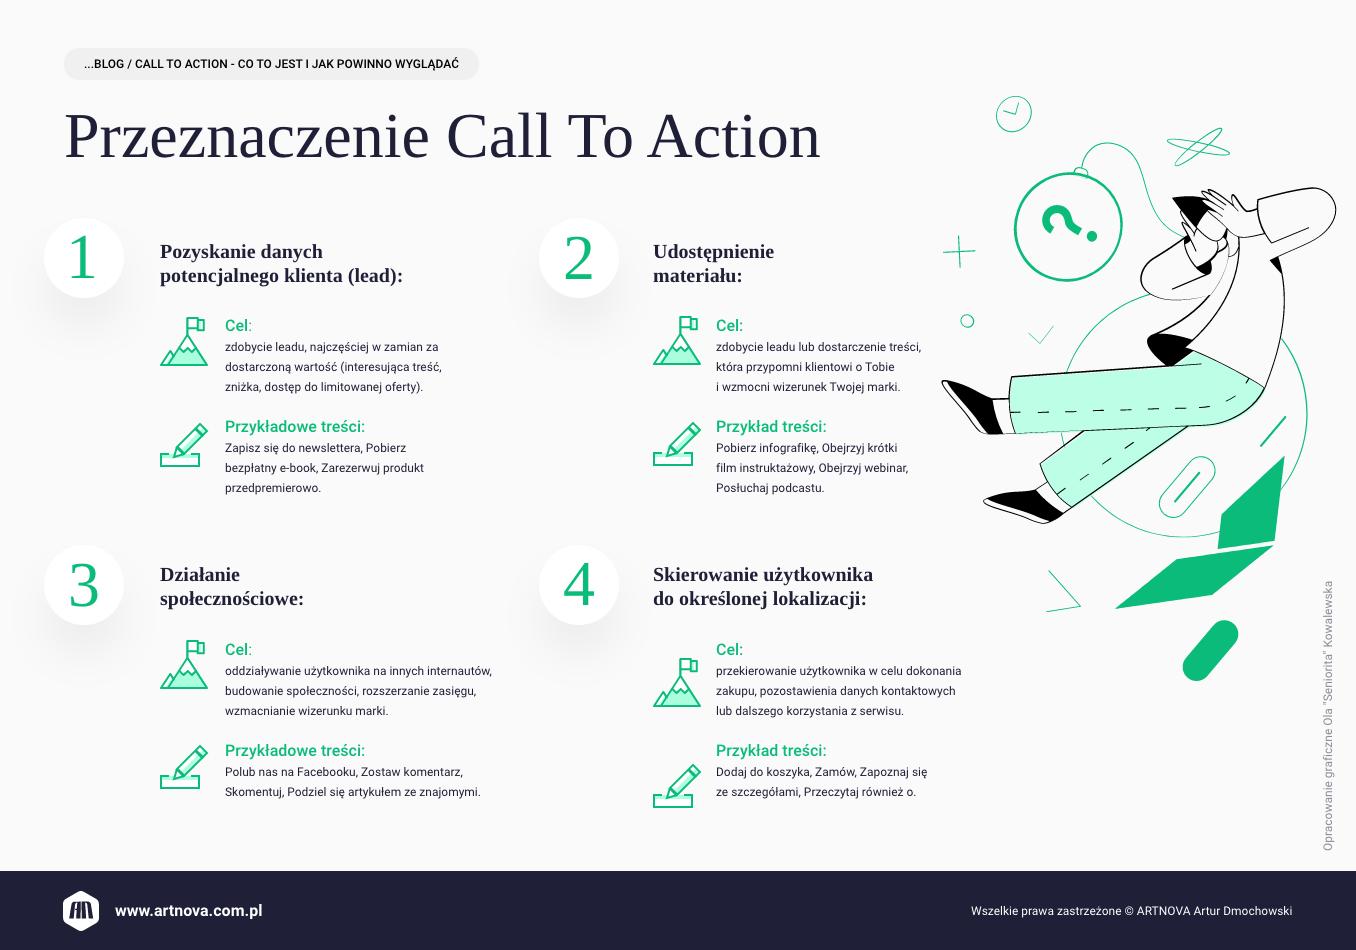 infografika: Przeznaczenie Call To Action